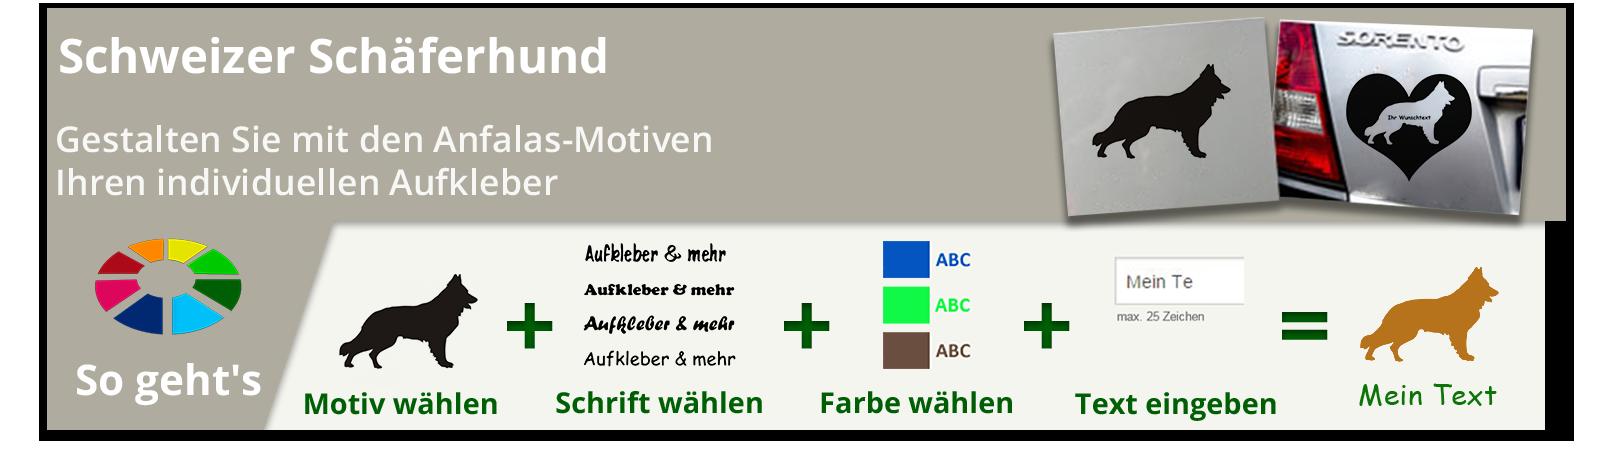 Schweizer Schäferhund Aufkleber